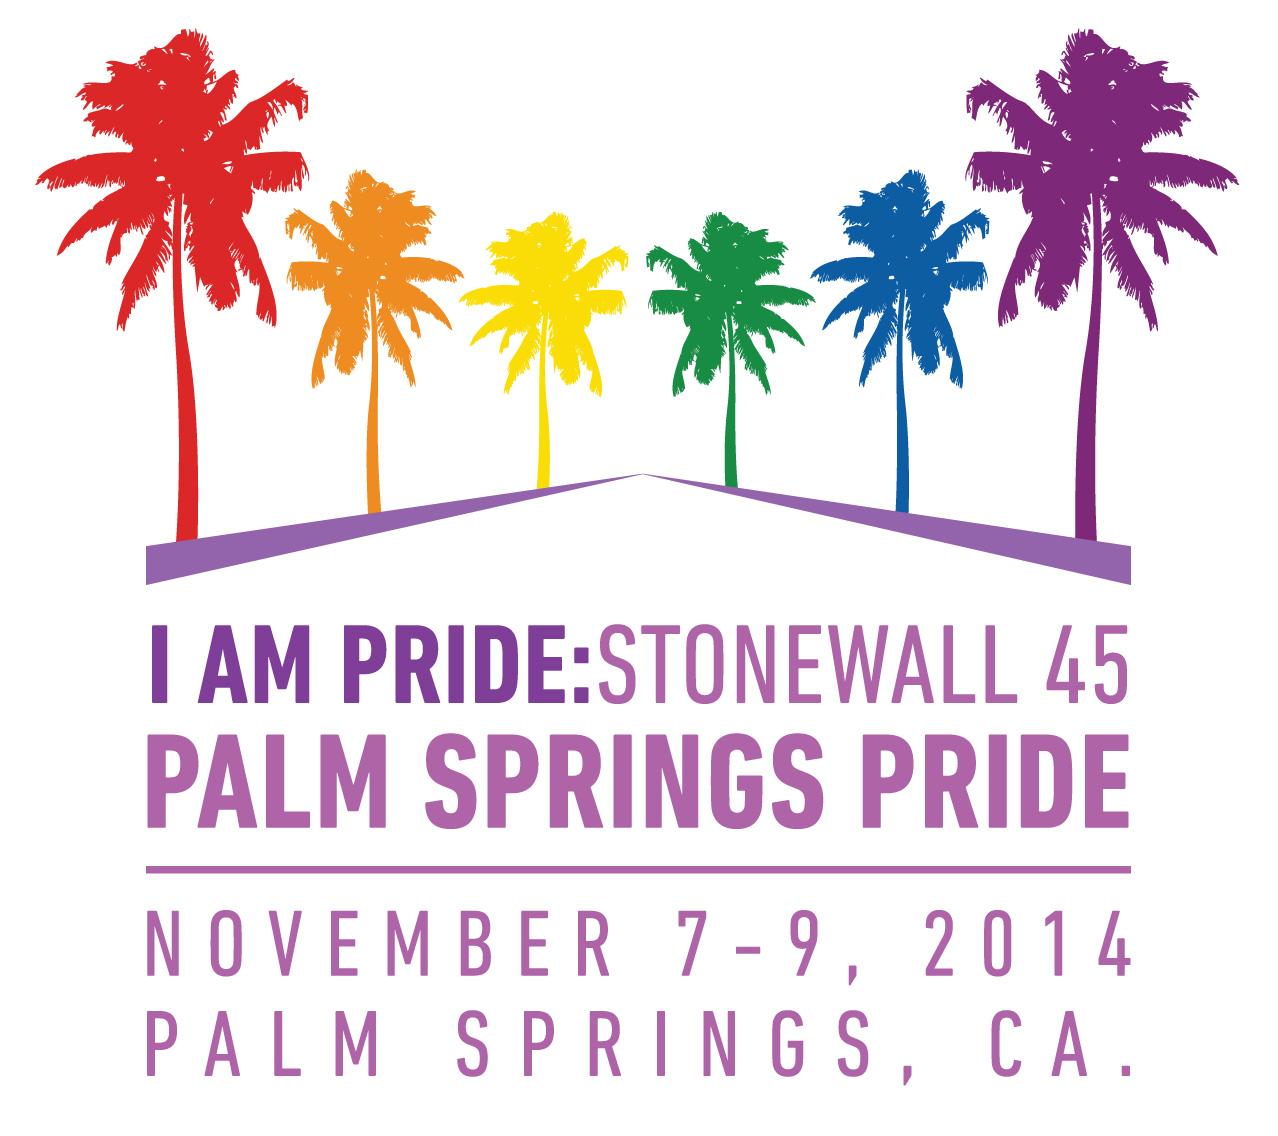 from Allan palm springs gay pride weekend 2008